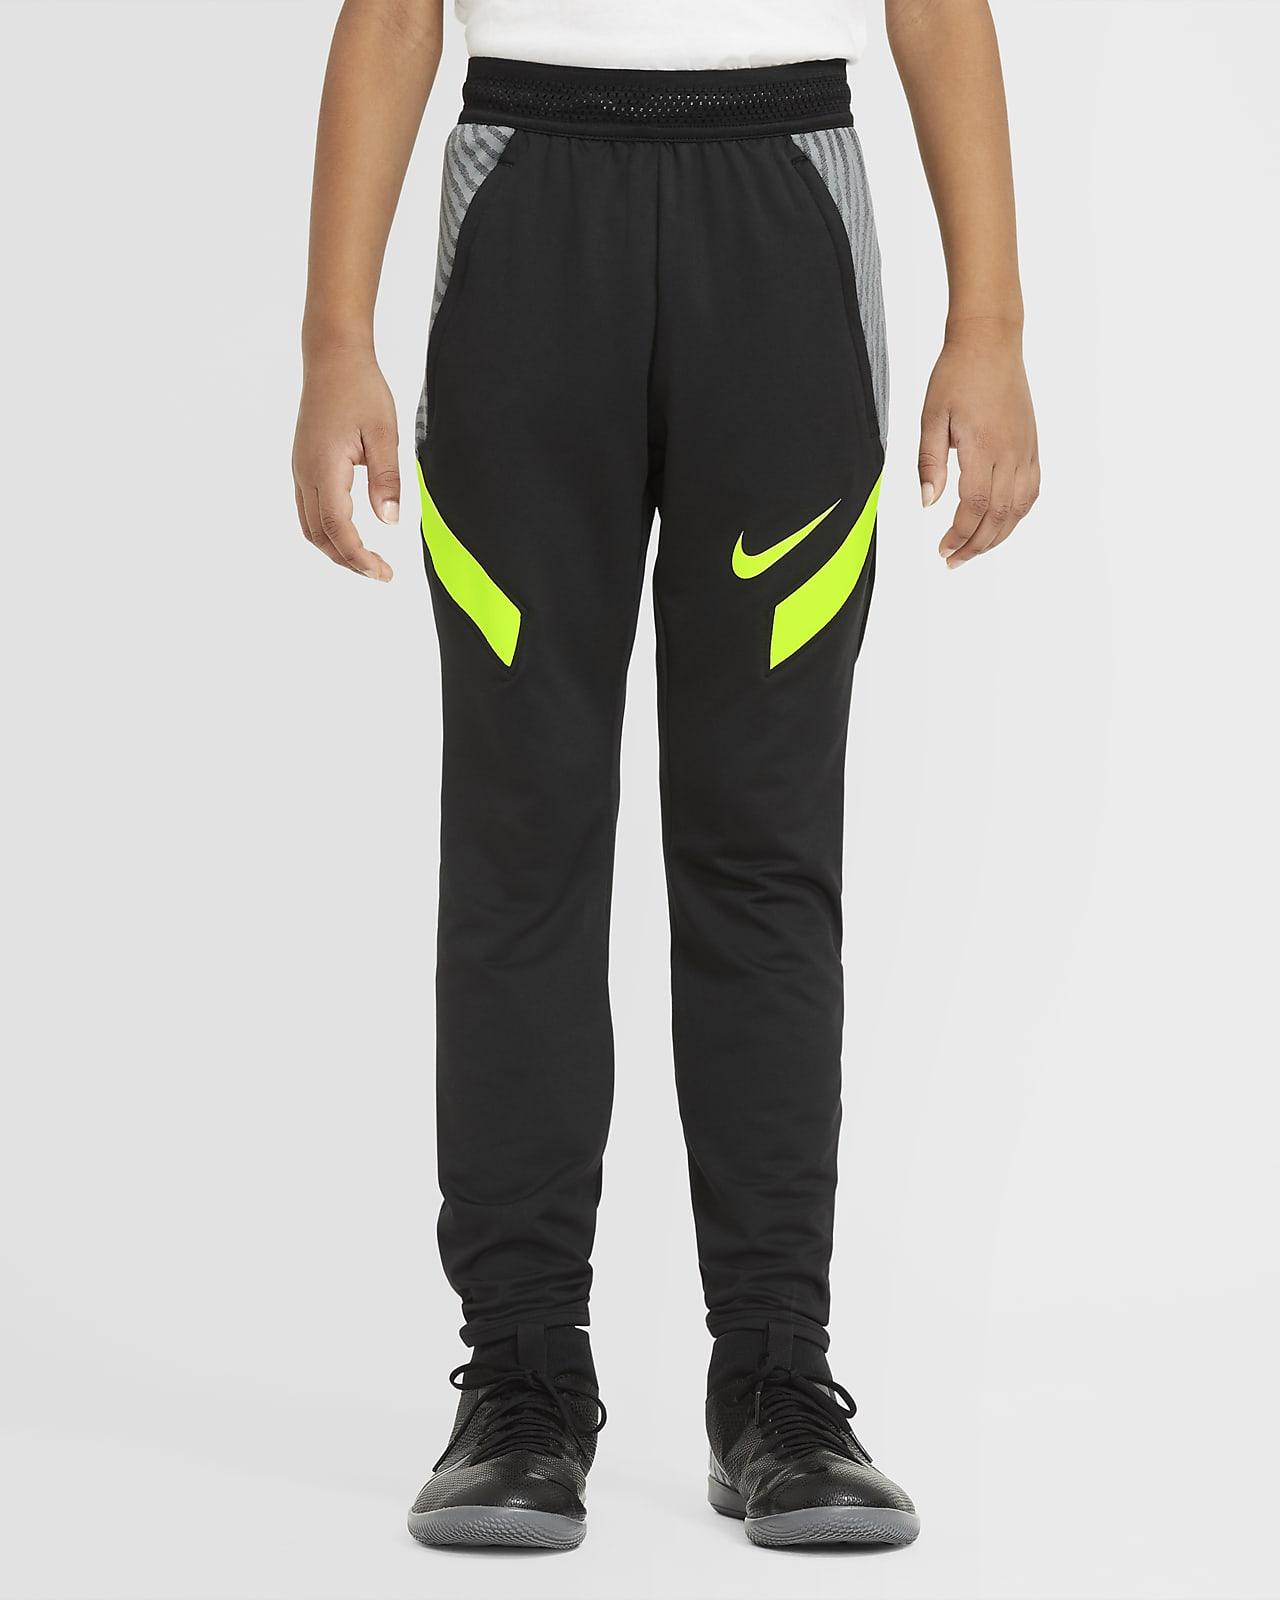 Fotbalové kalhoty Nike Dri-FIT Strike pro větší děti